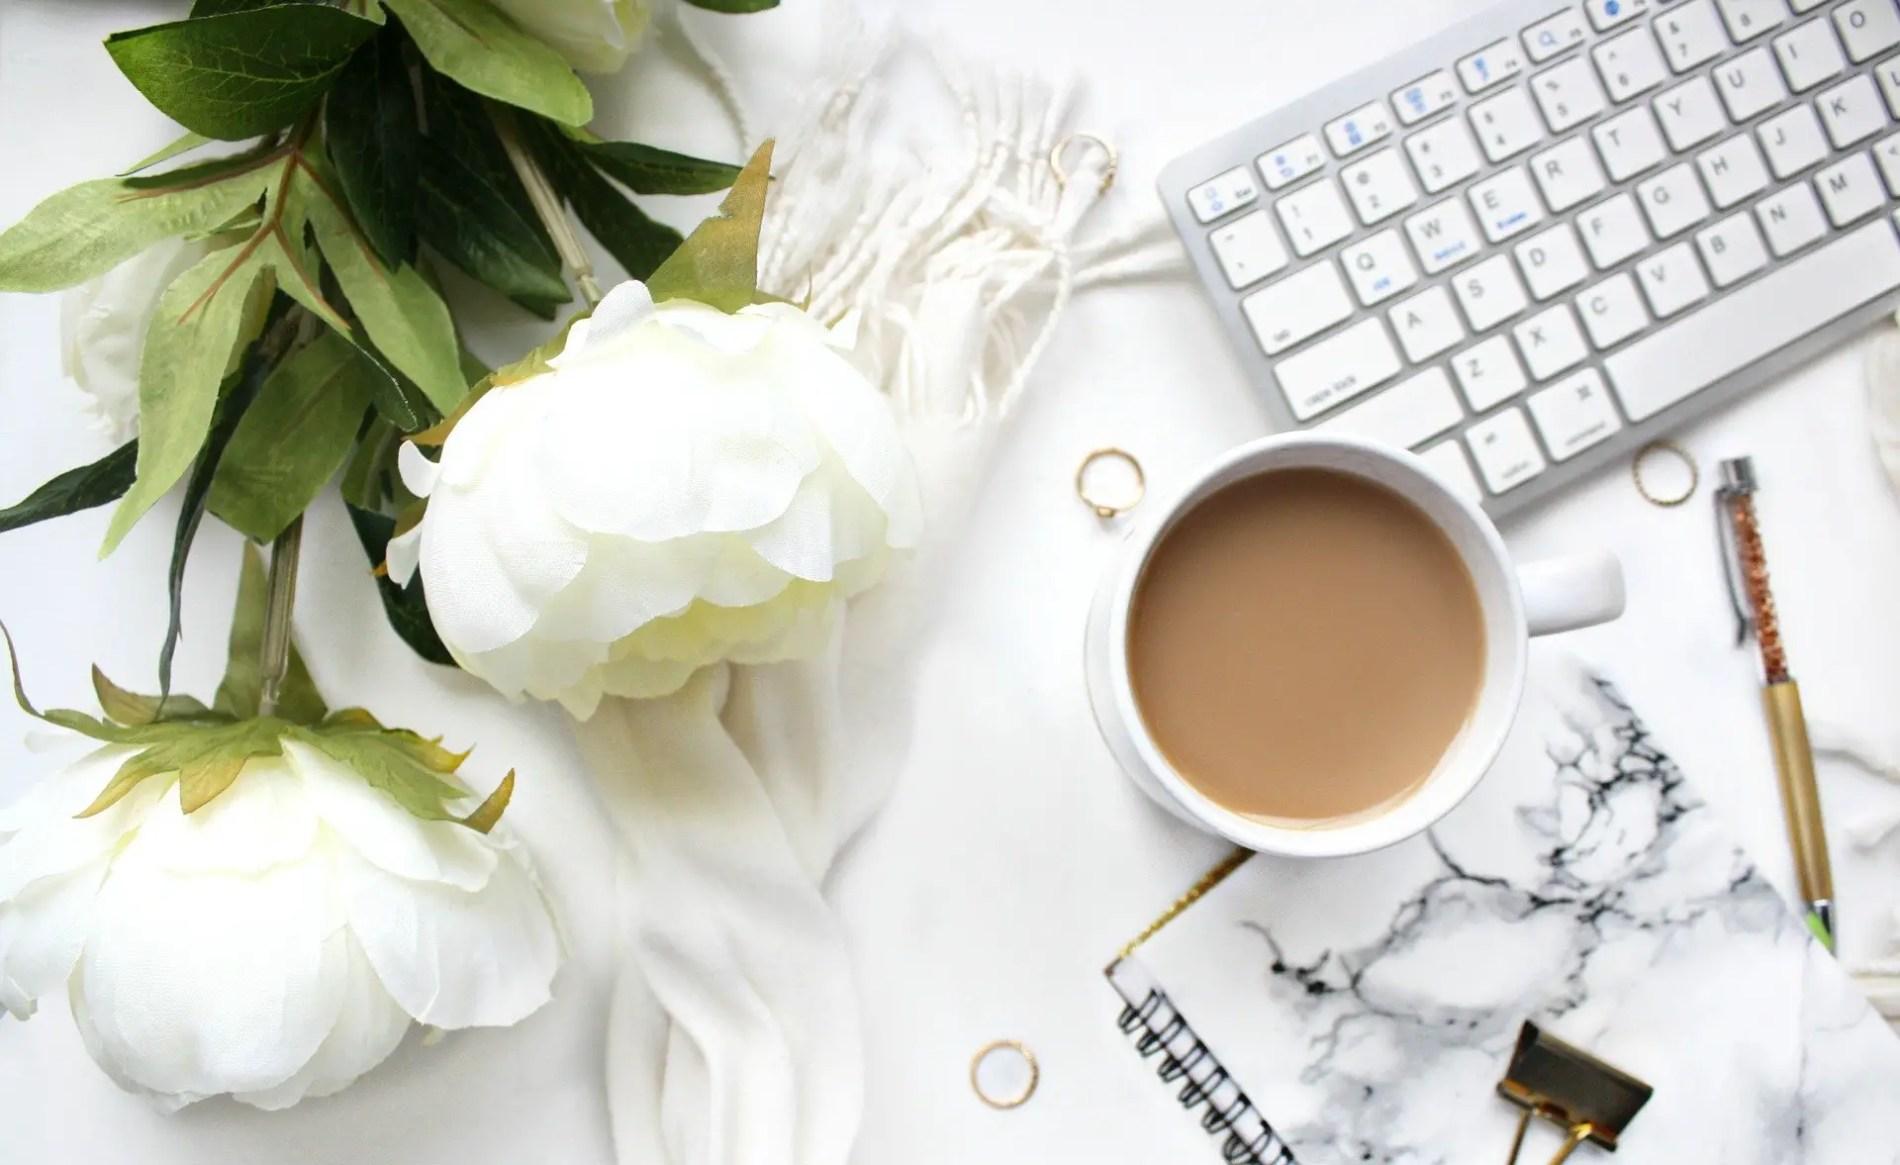 25 Best Niches to Blog about in 2018 desktop 2530405 1920